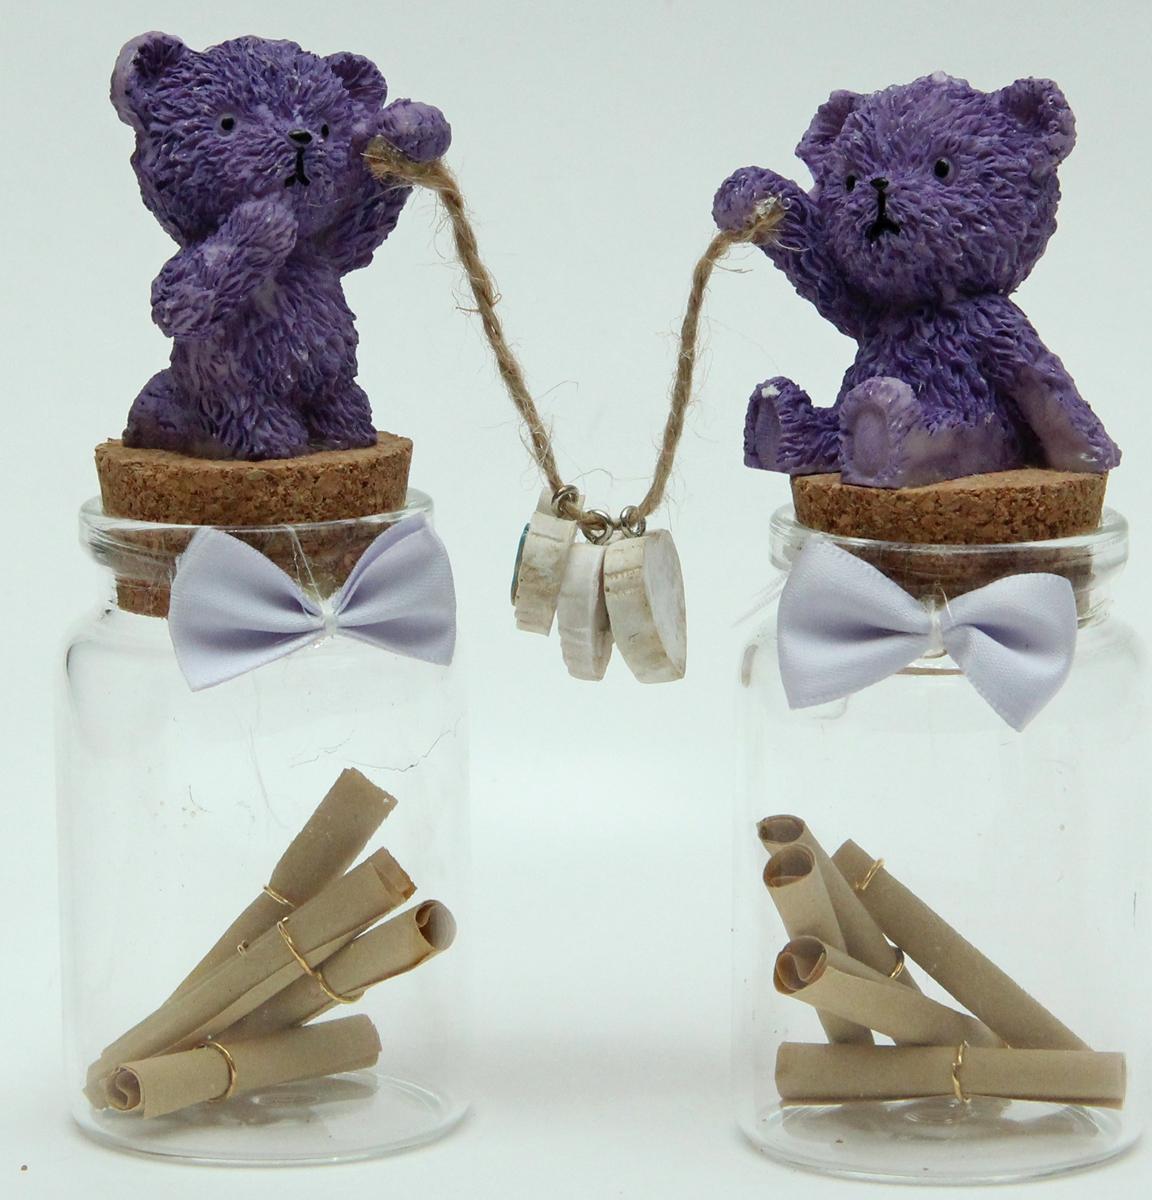 Набор подарочный Magic Home Медвежата, цвет: фиолетовый. 40750 loverspremium tease me фиолетовый подарочный набор для эротических игр